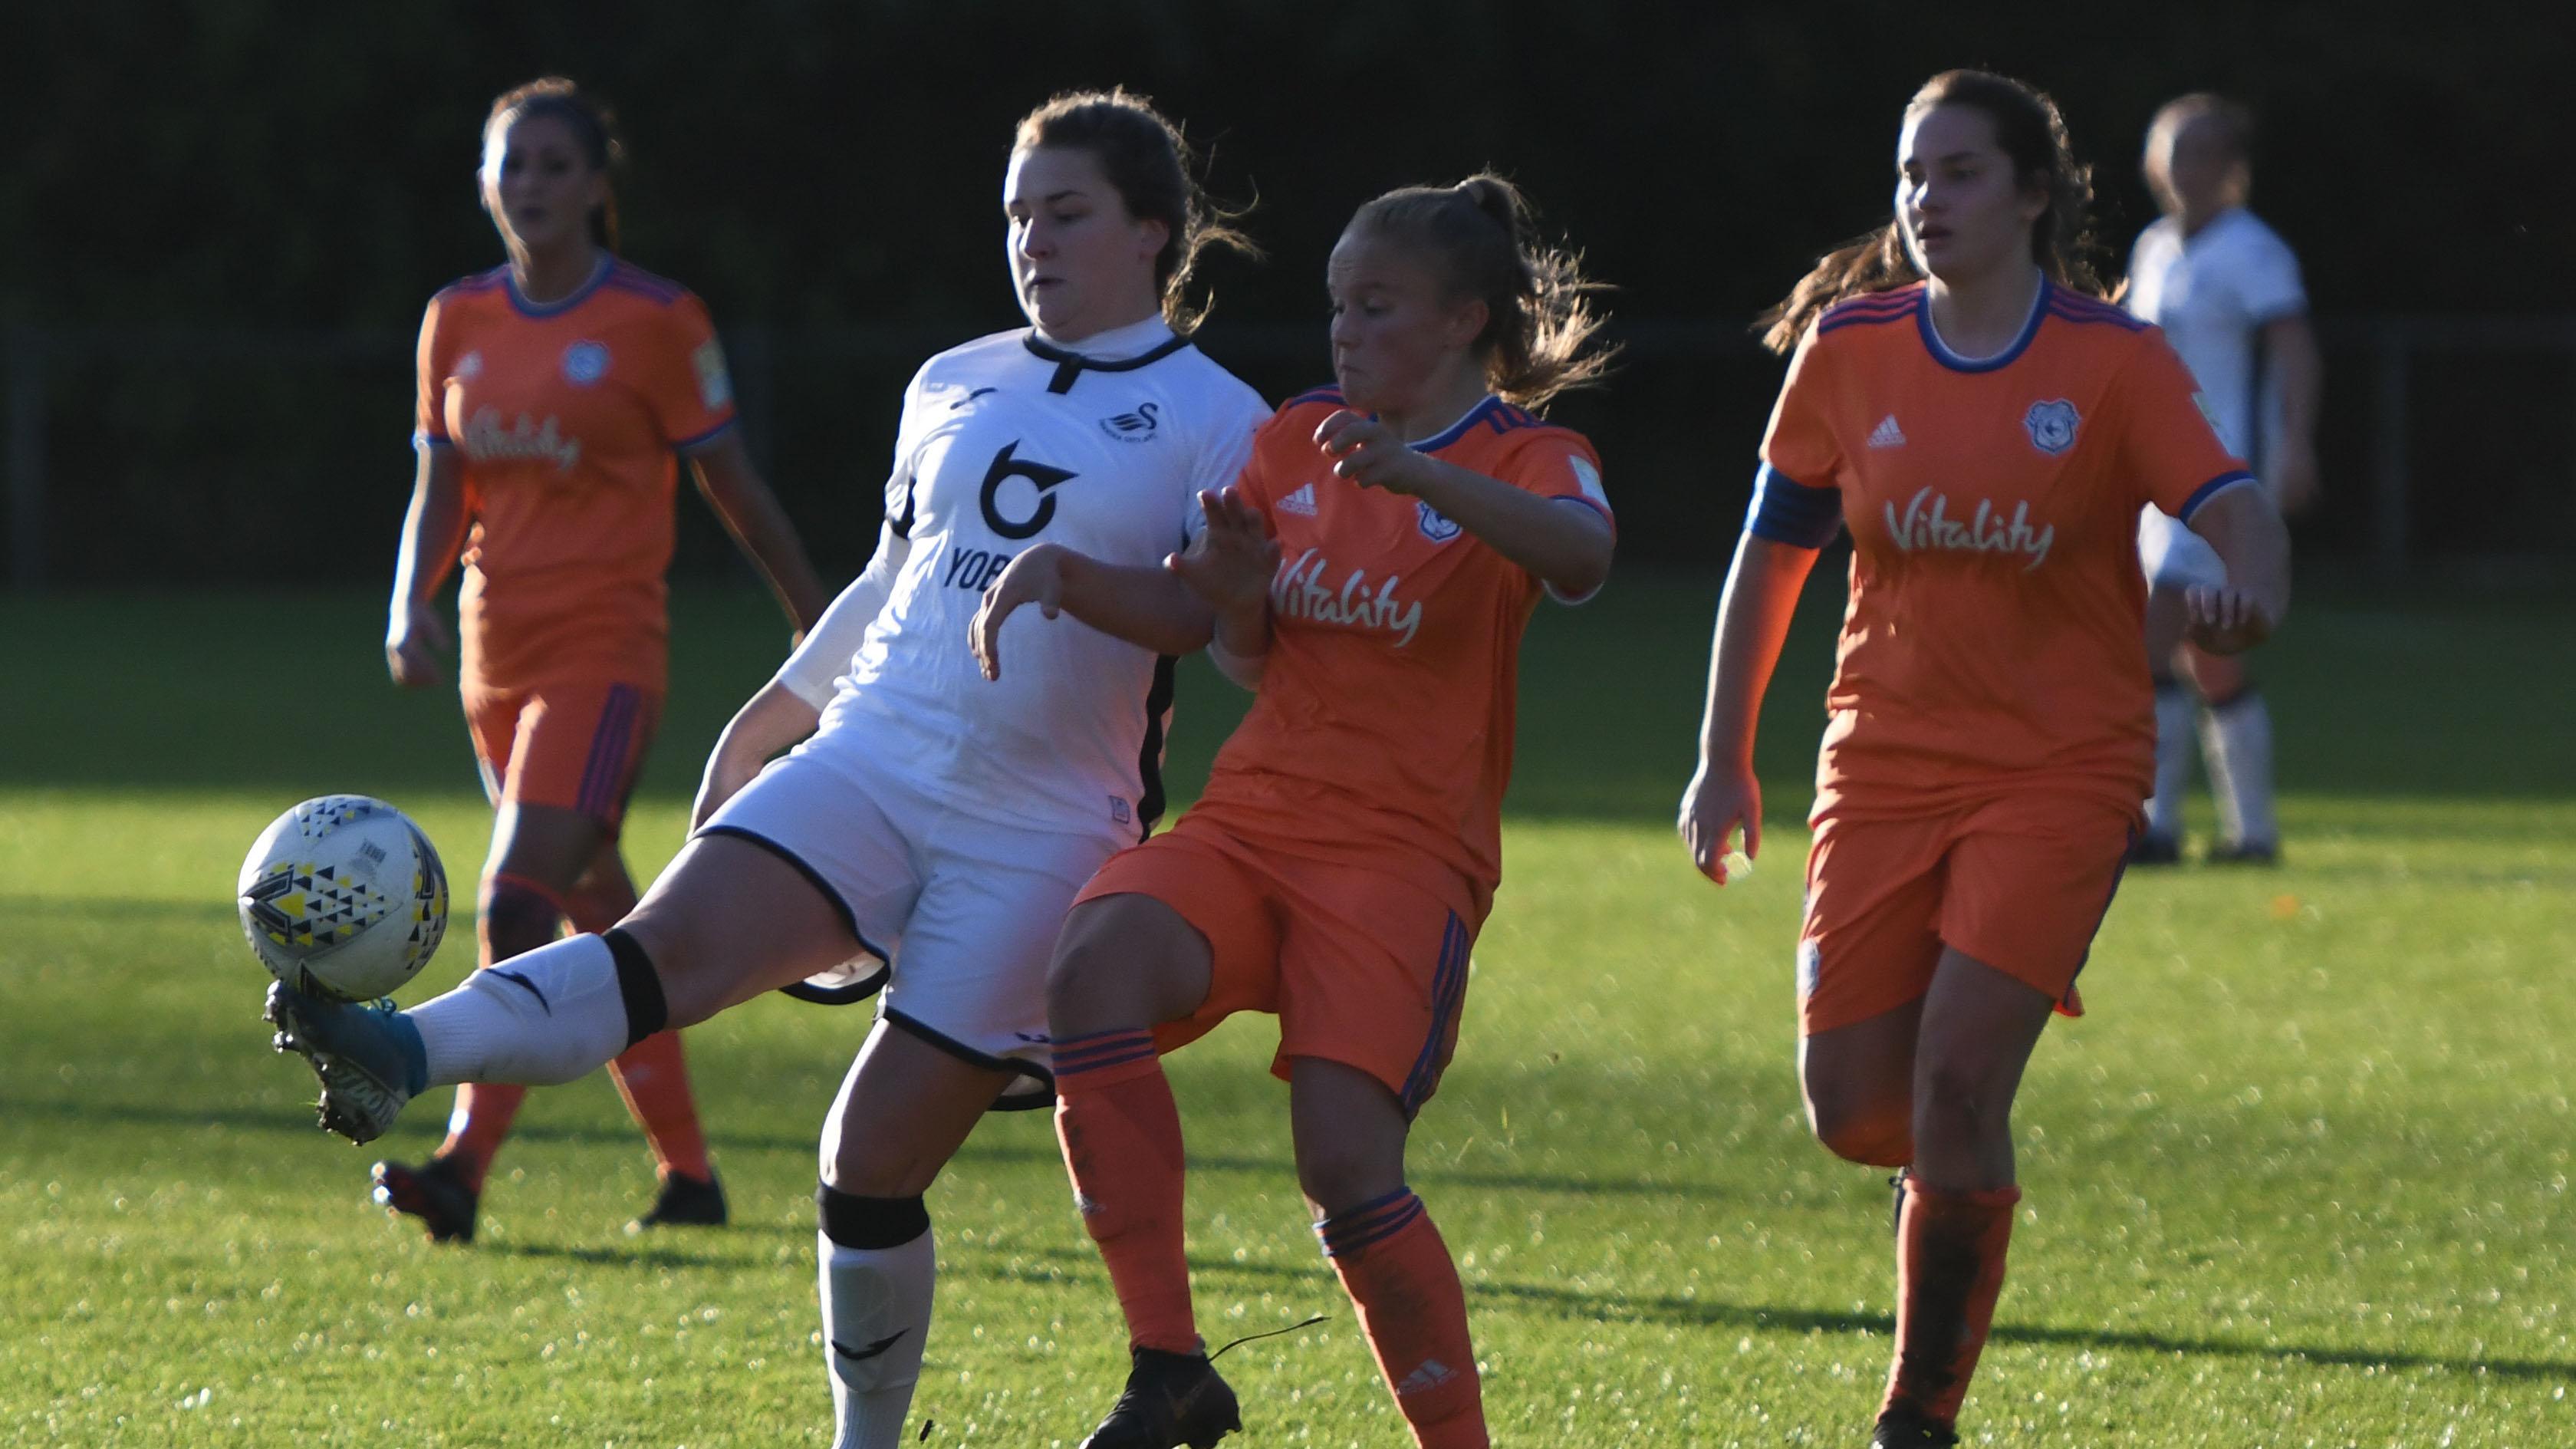 Swansea City Ladies v Cardiff City